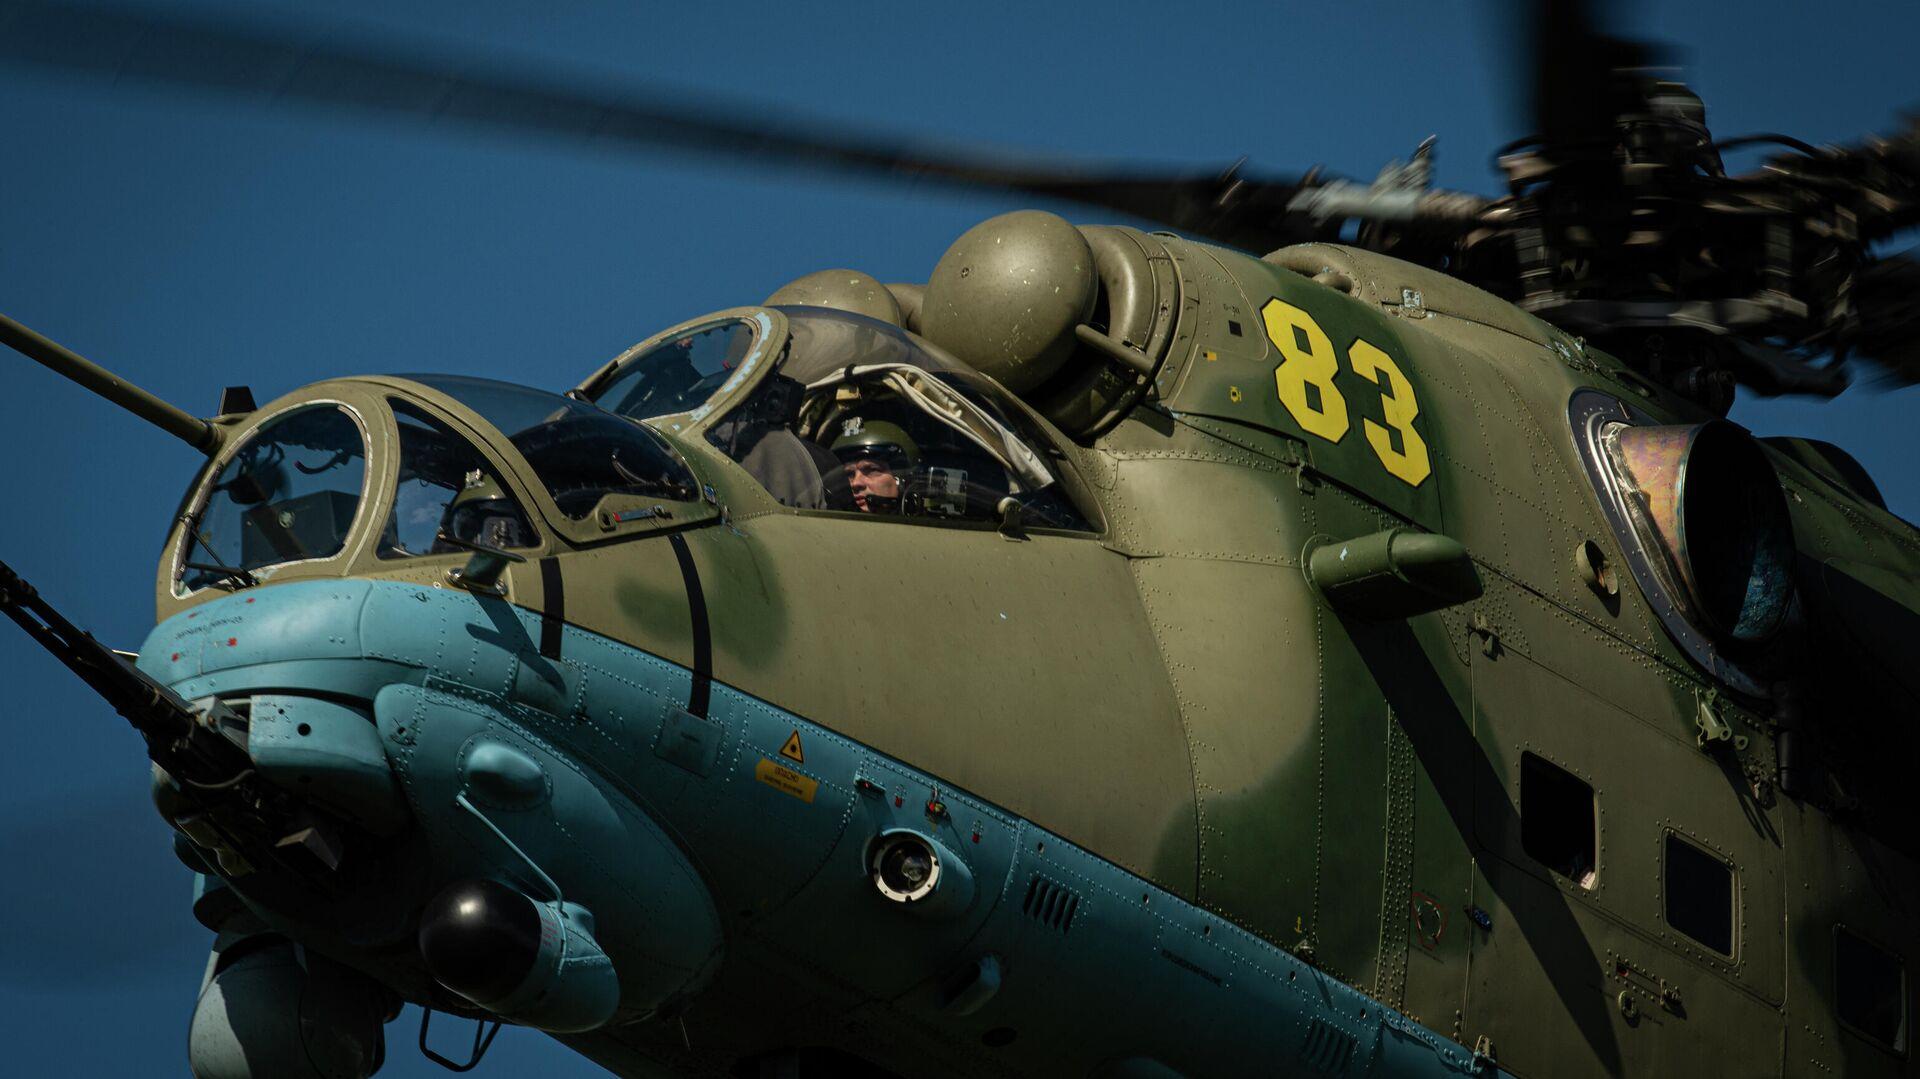 Ударный вертолет Ми-35 армейской авиации ВКС России - РИА Новости, 1920, 23.11.2020